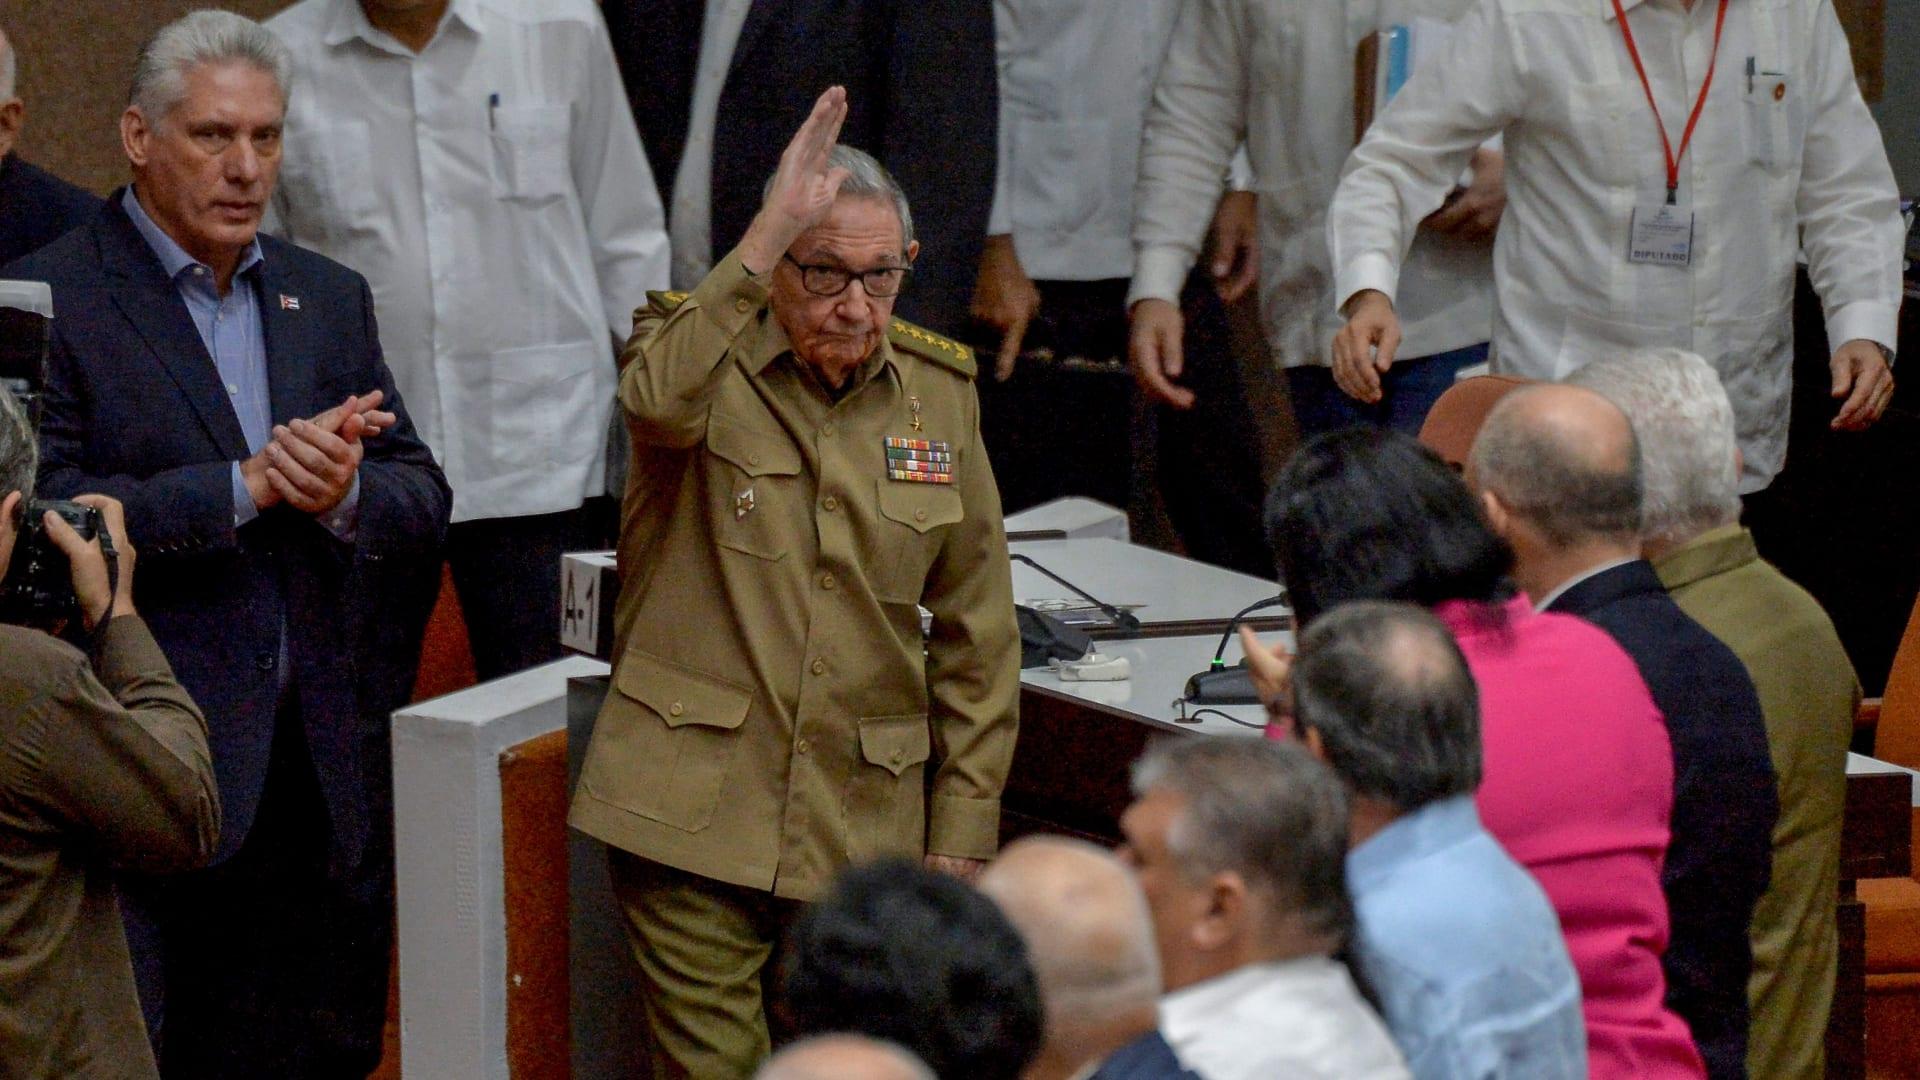 خطوة تاريخية.. راؤول كاسترو يتنحى عن رئاسة الحزب الشيوعي الكوبي